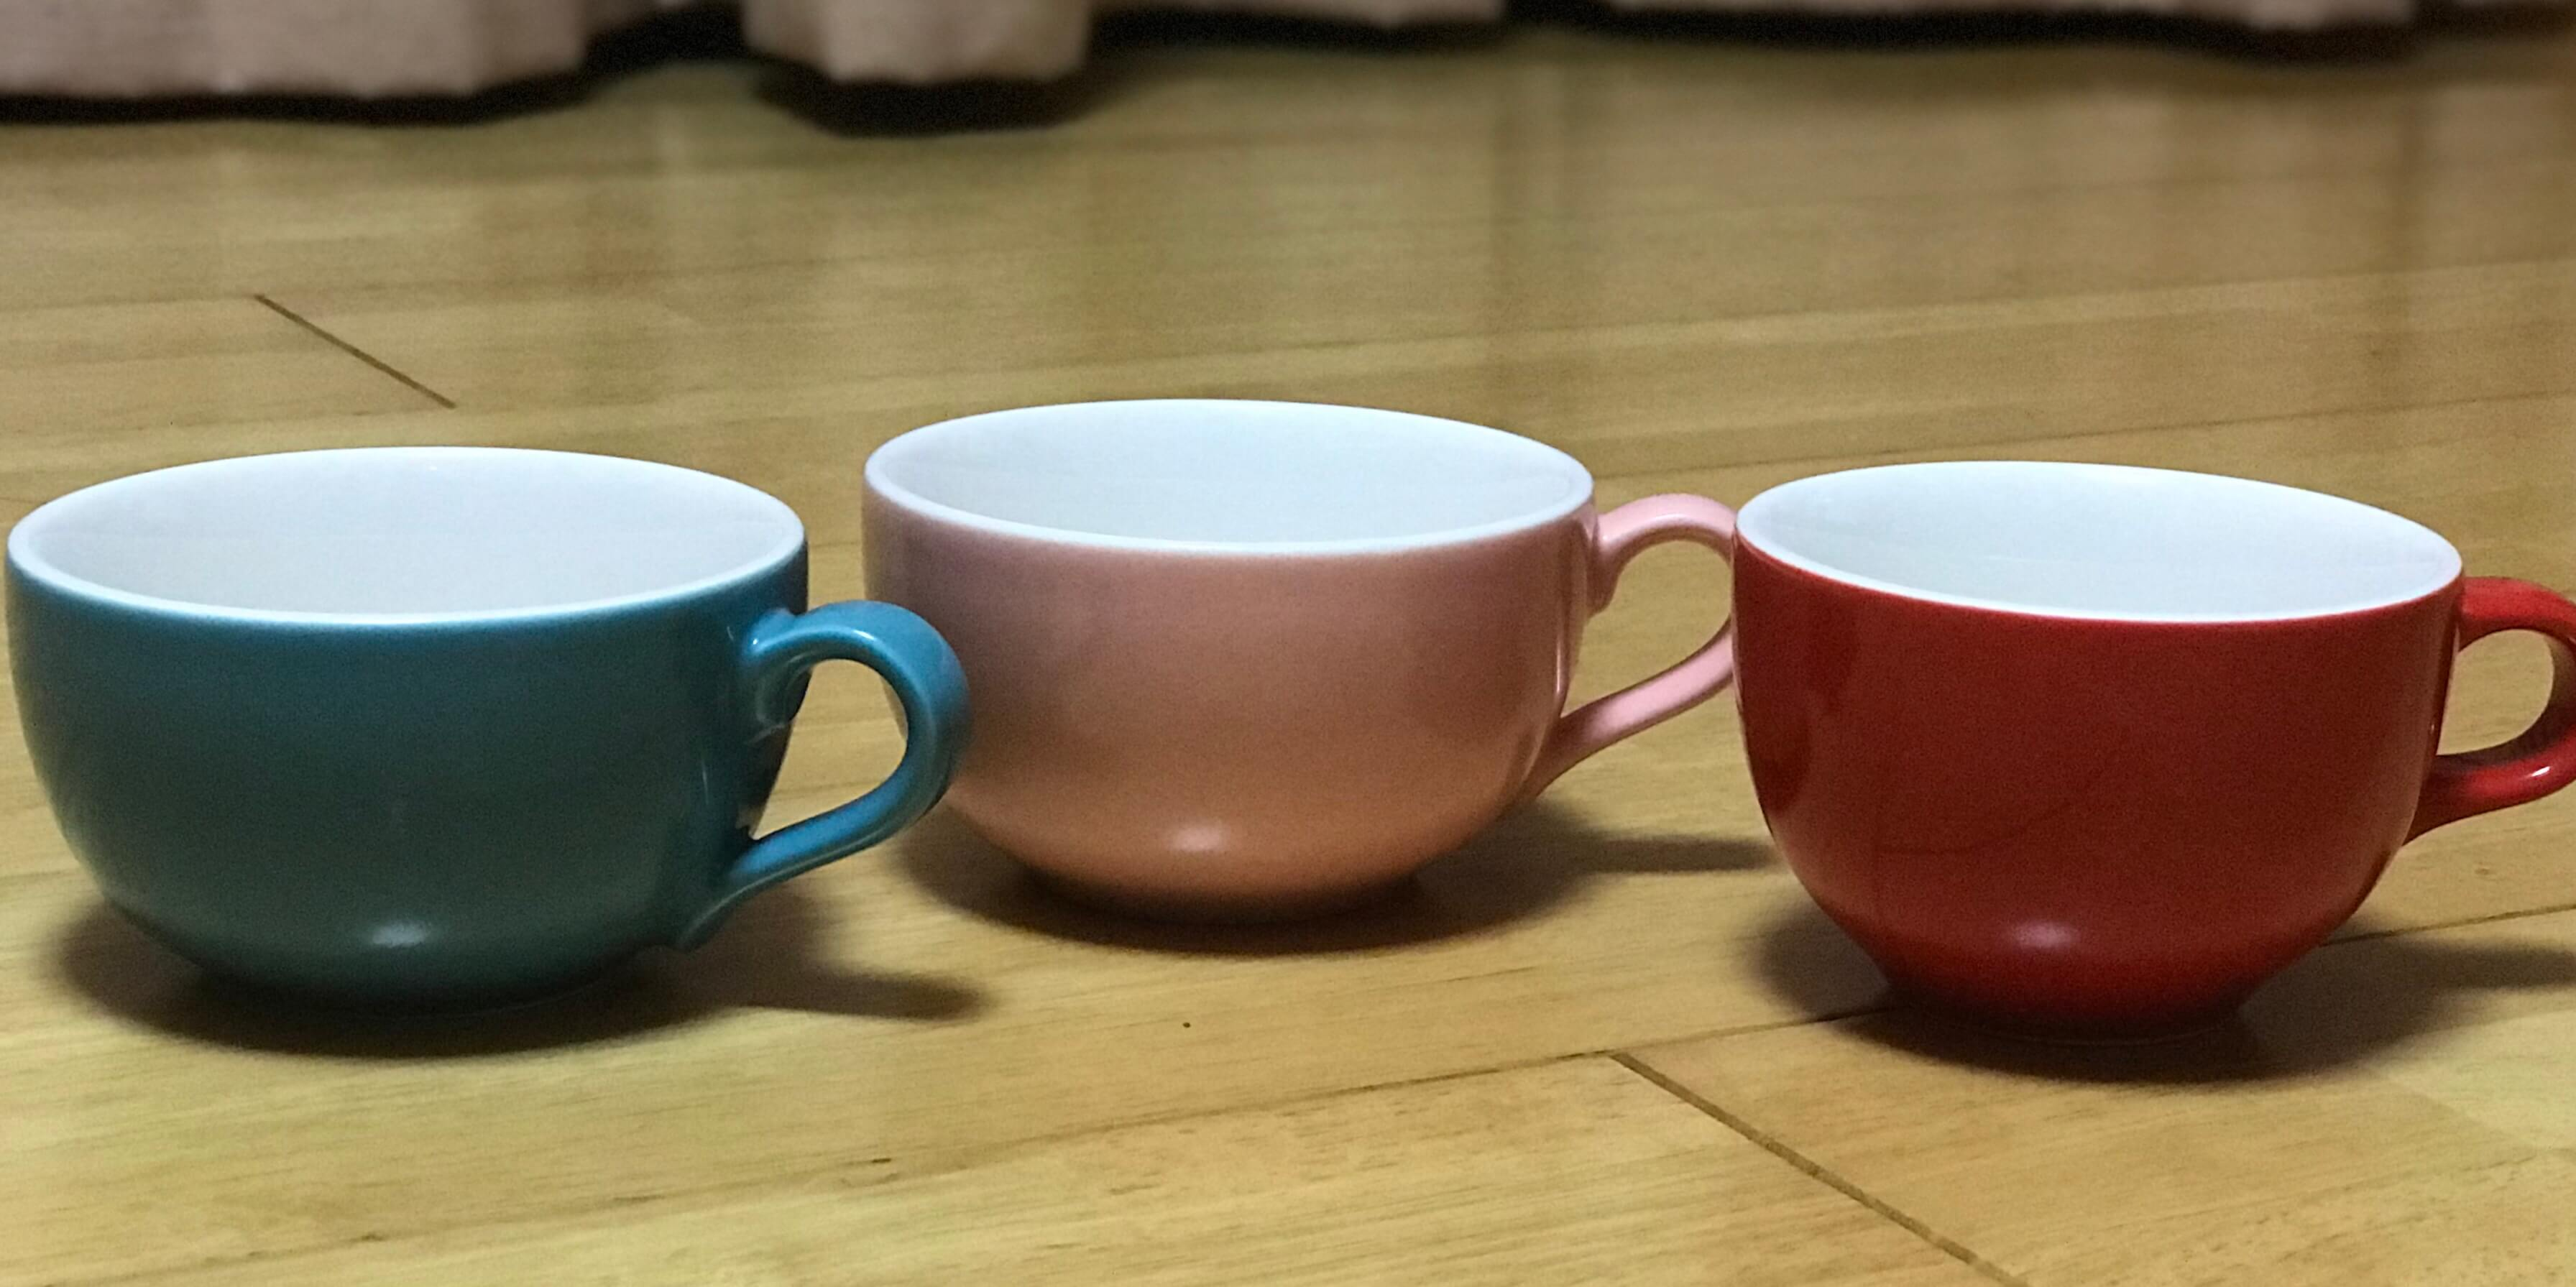 ORIGAMIカップ各種